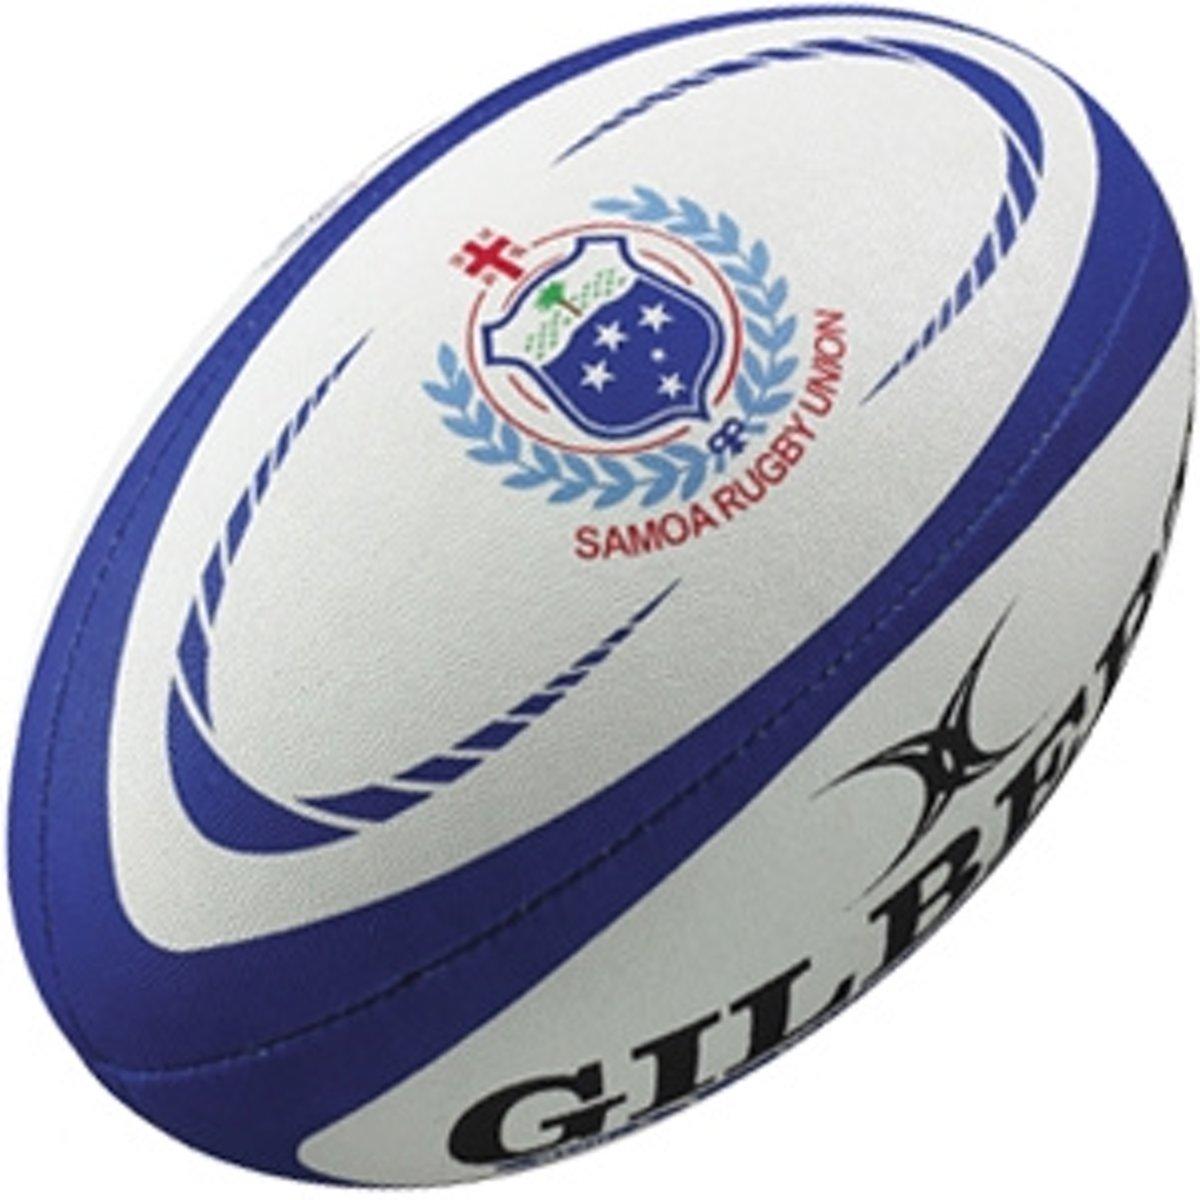 Gilbert Samoa supporter Blauw 5 kopen